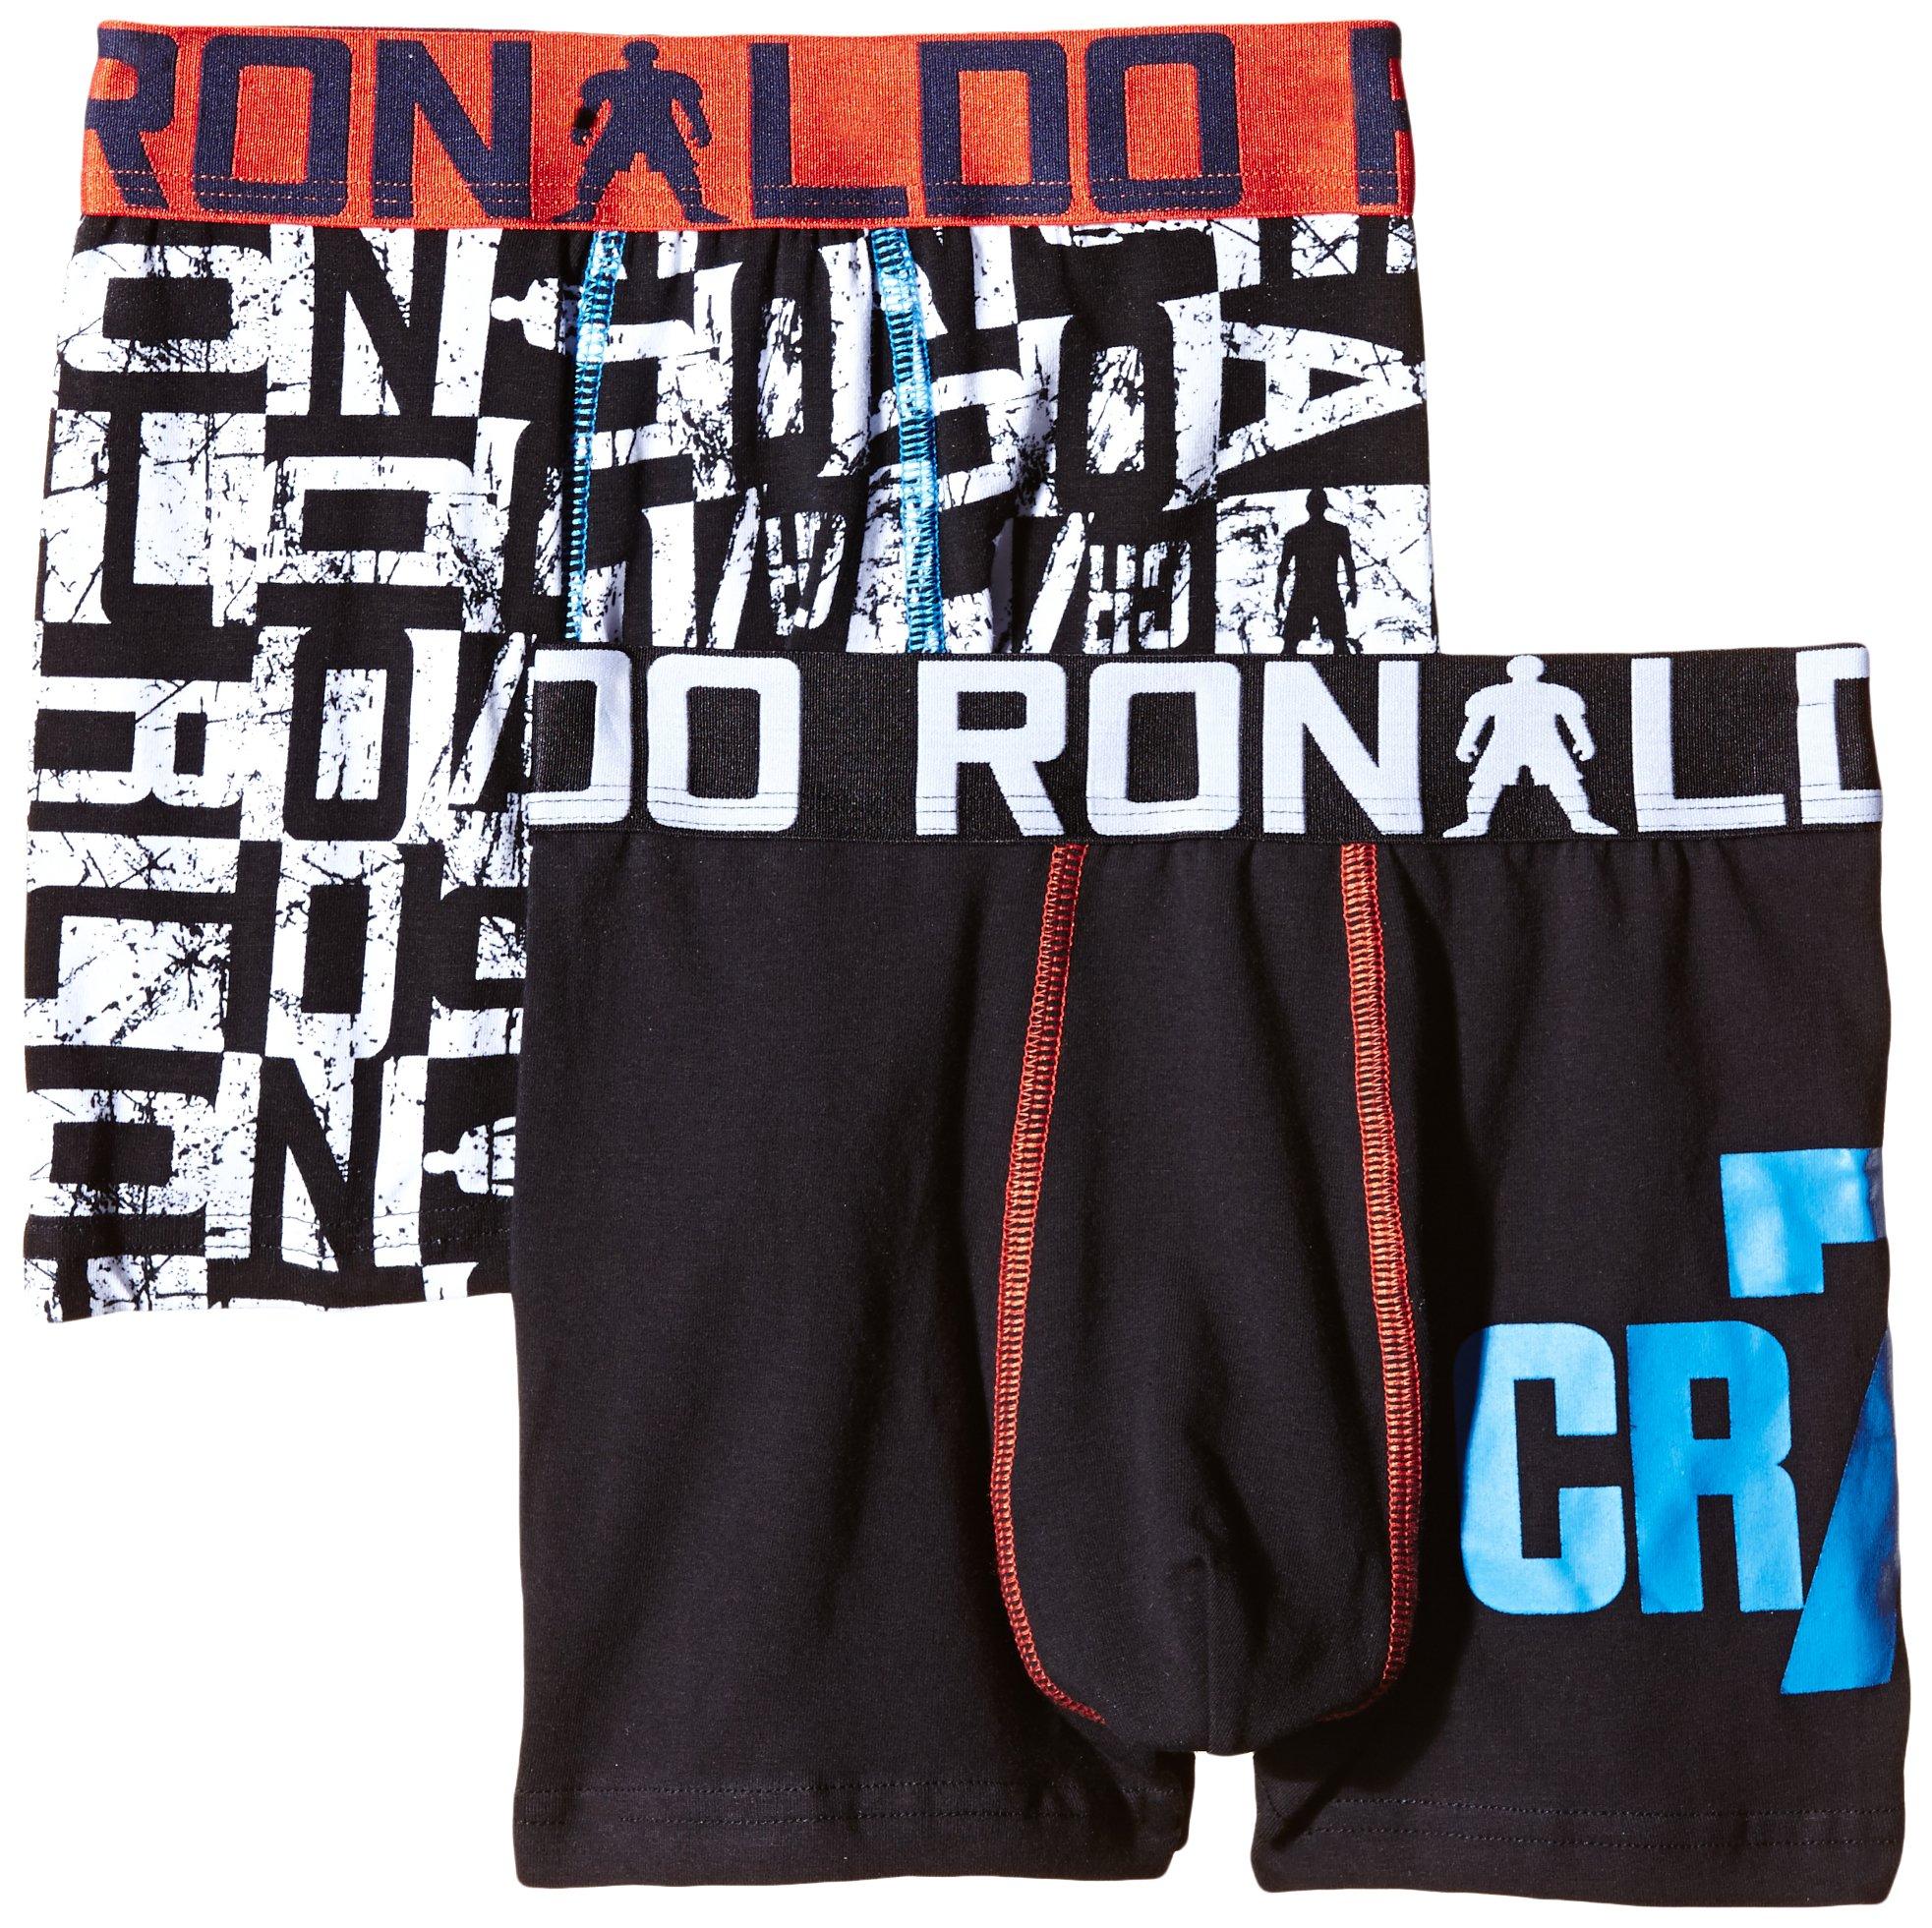 CR7 CRISTIANO RONALDO, Boxer aderenti Bambino, 2 pz., Nero (Schwarz/Weiß), 4/6 anni